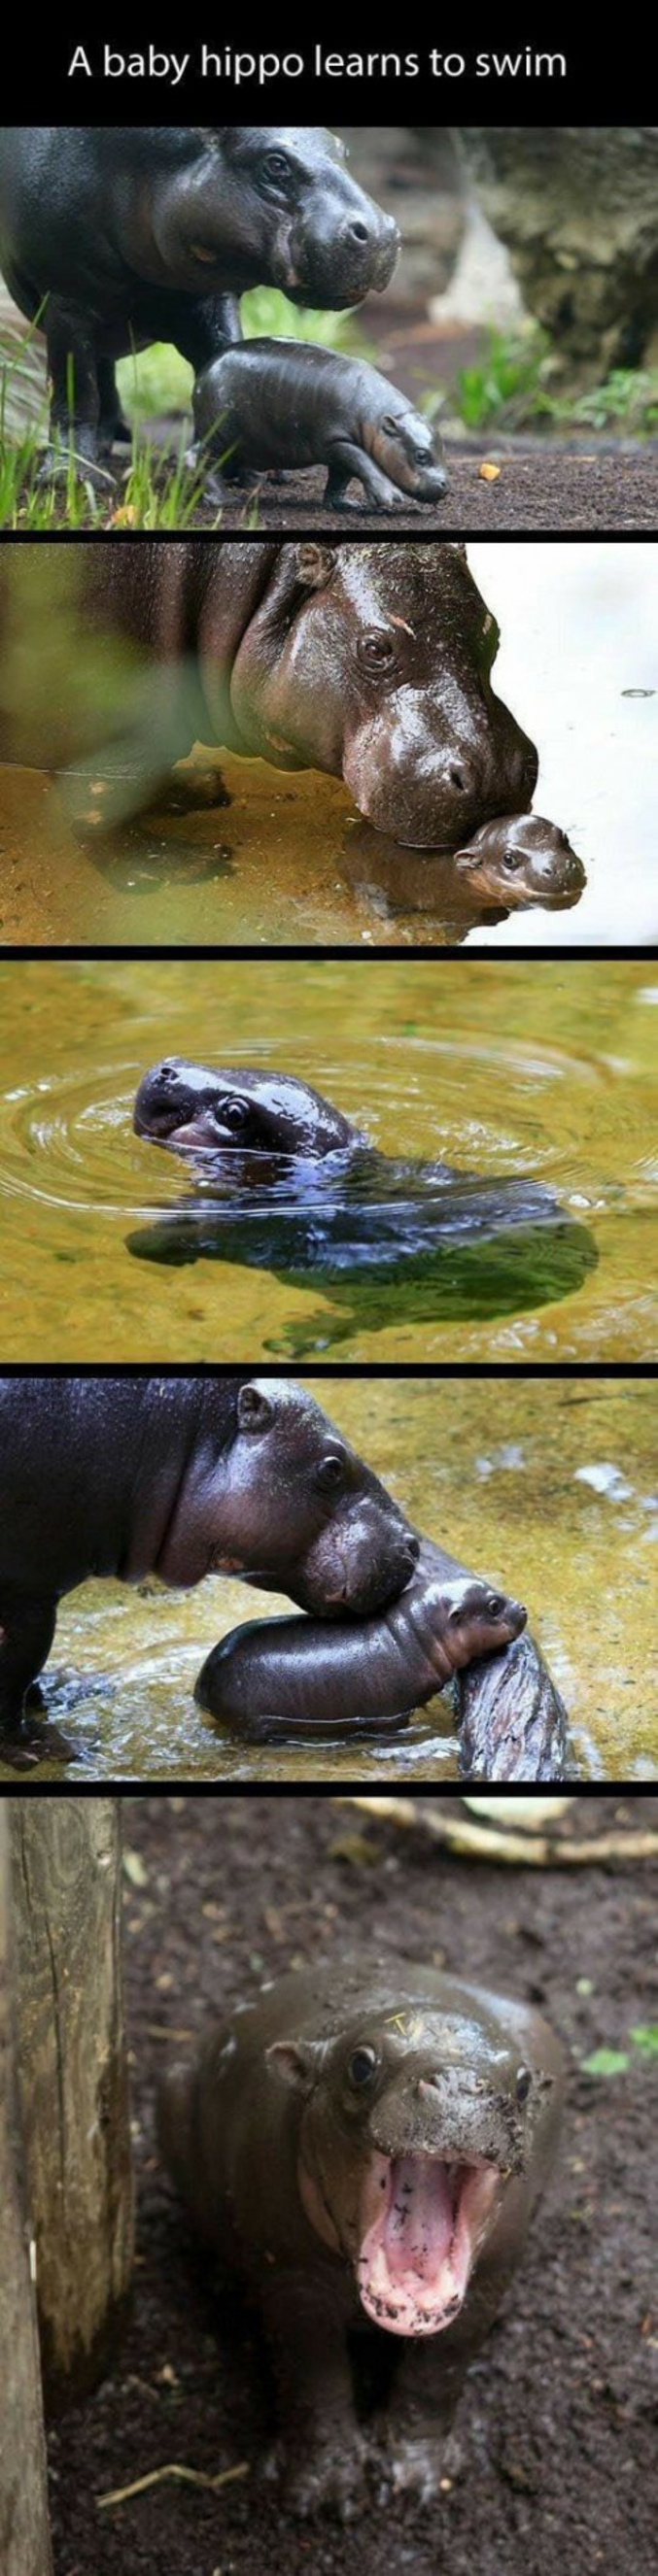 Apprend à nager.